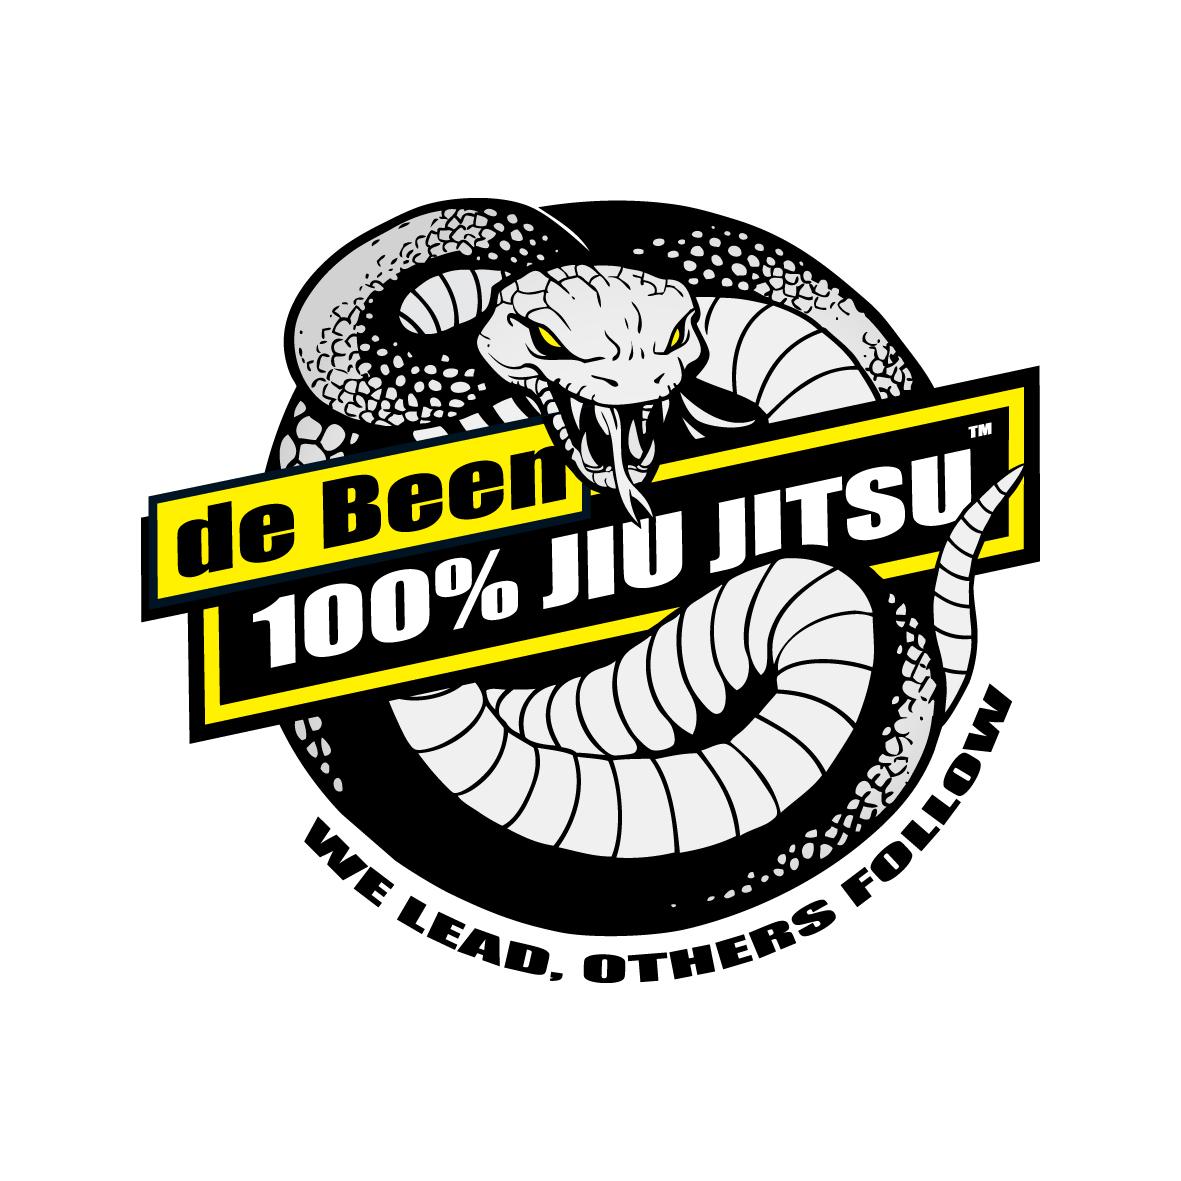 De Been Jiu-Jitsu Indonesia